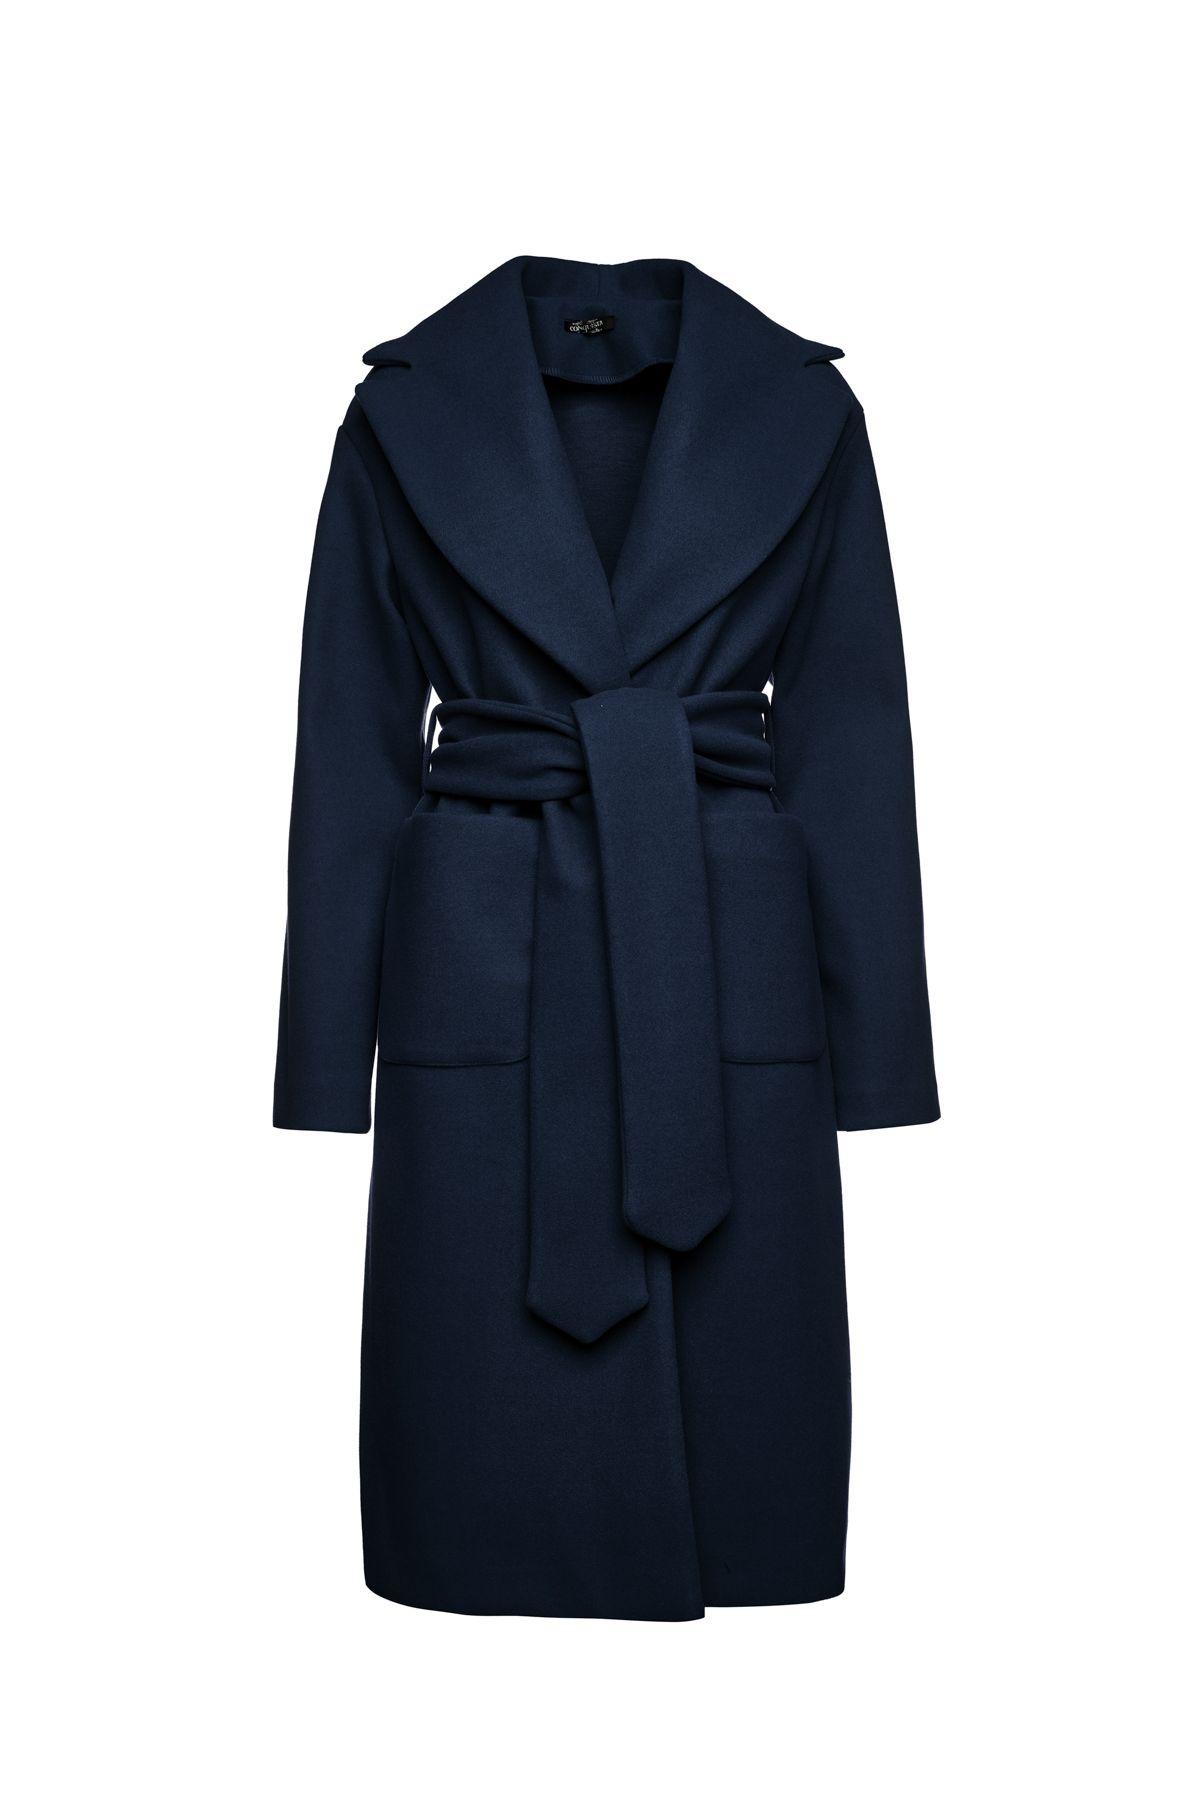 Long Navy Blue Mouflon Coat with Belt